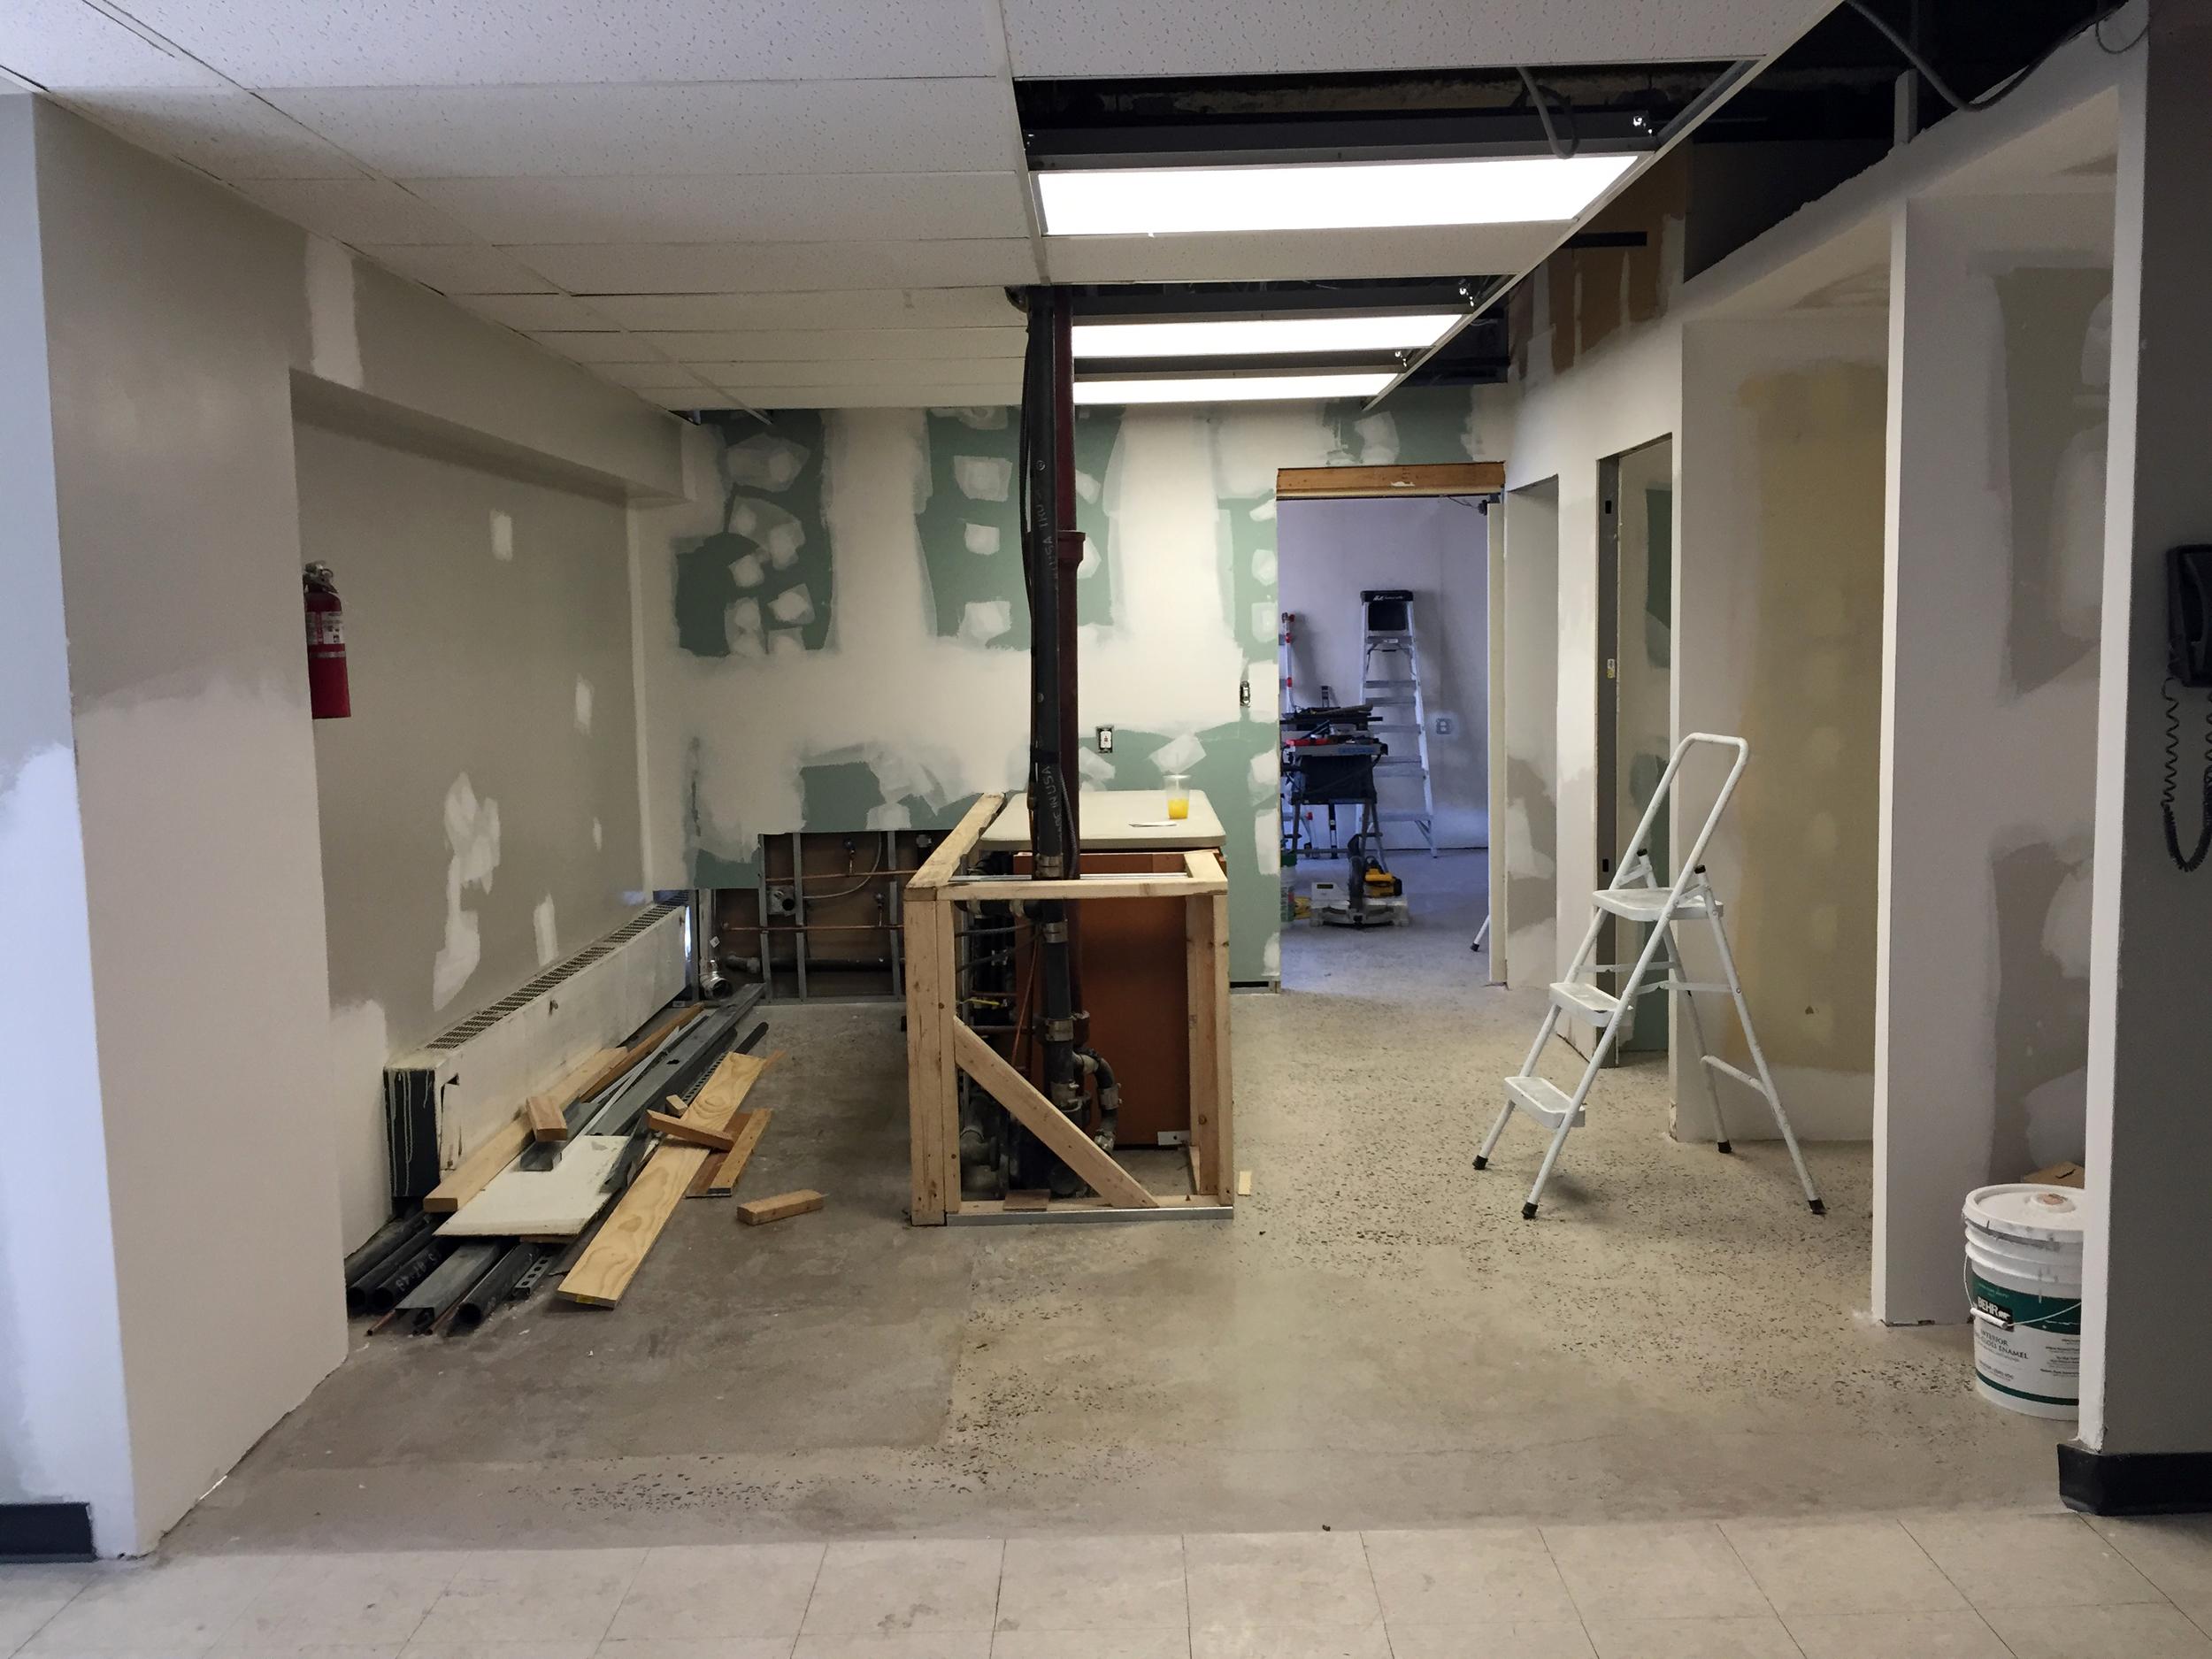 mcoc-kitchen-renovation-49.jpg